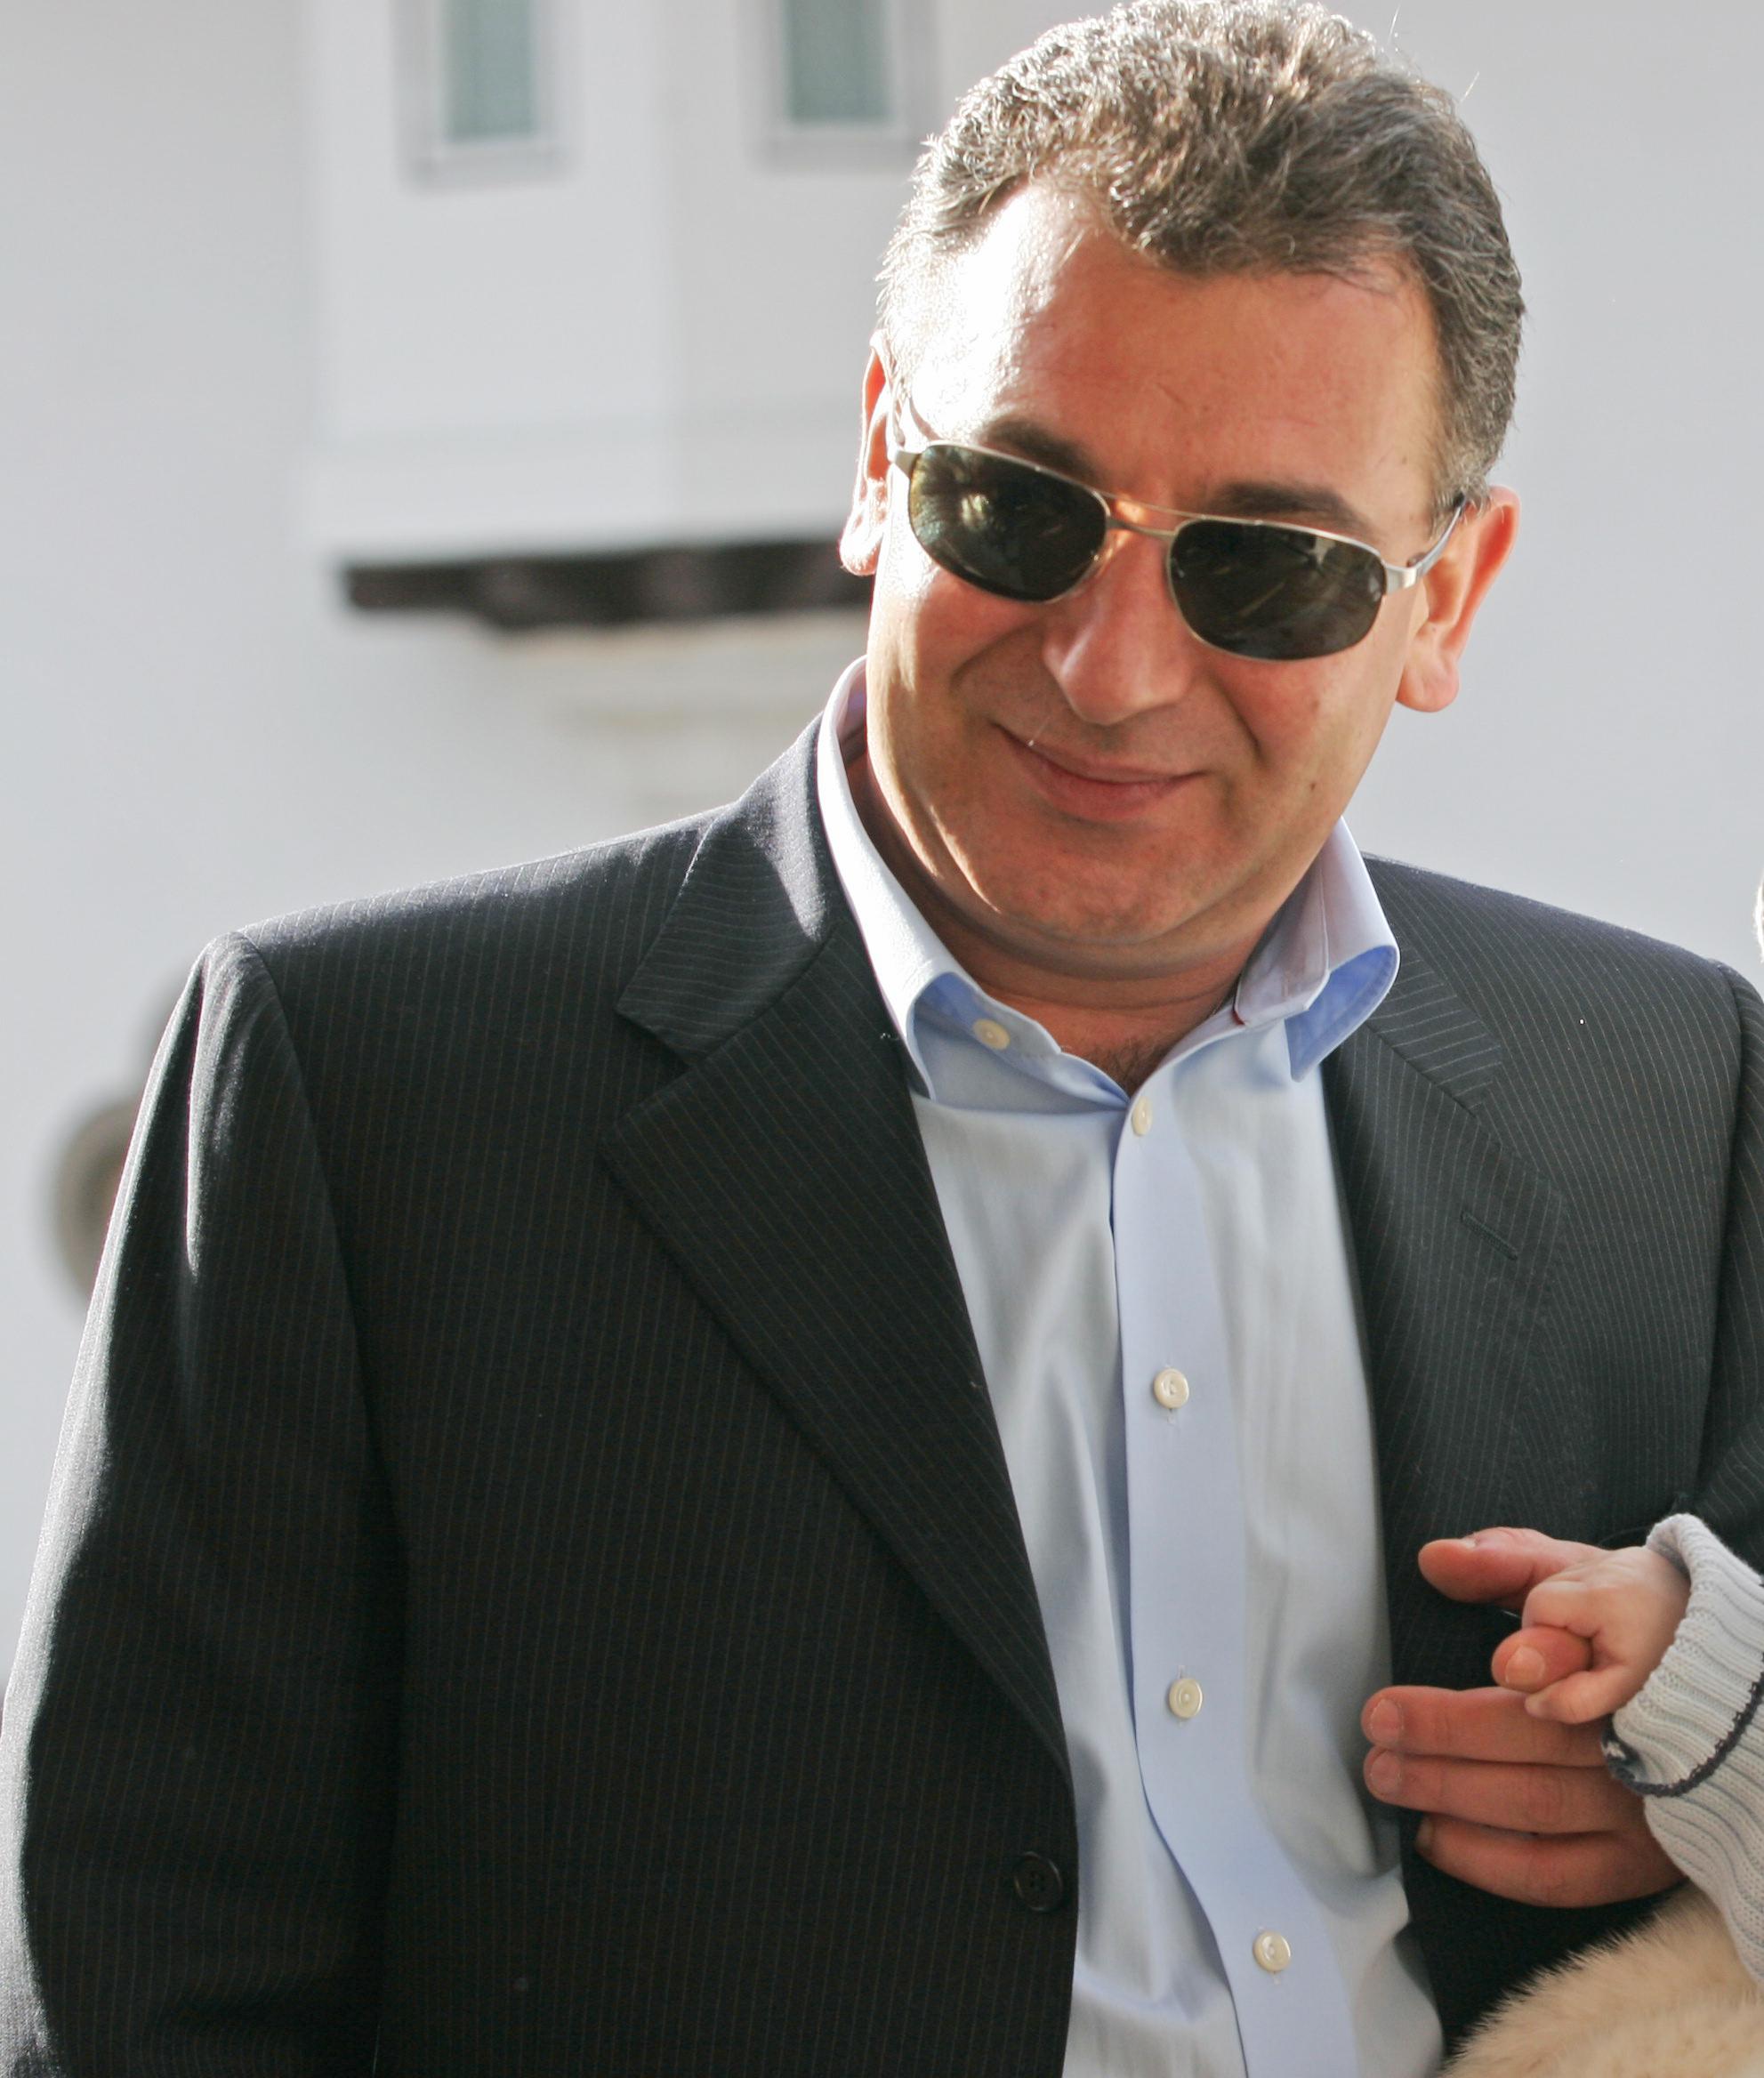 Analistii pietei bursiere din Australia declara ca averea lui Frank Timis ar fi scazut de la 1,33 miliarde de dolari la 250 de milioane